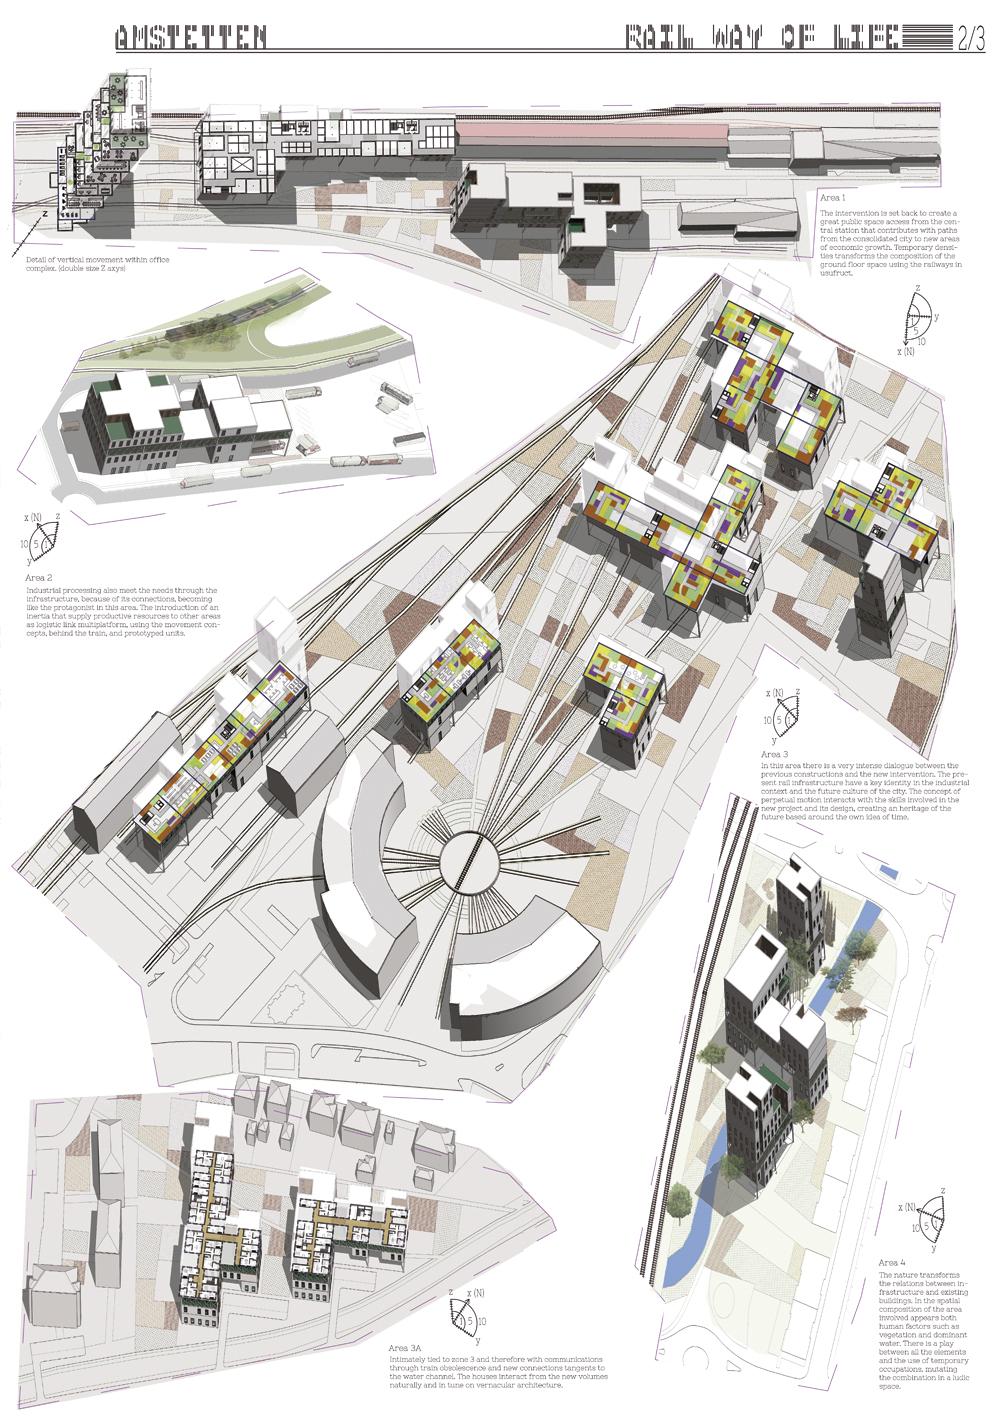 D:ArkitecturaconcursosEUROPAN 12PANEL 2MONTAJE A1_2 (2010)